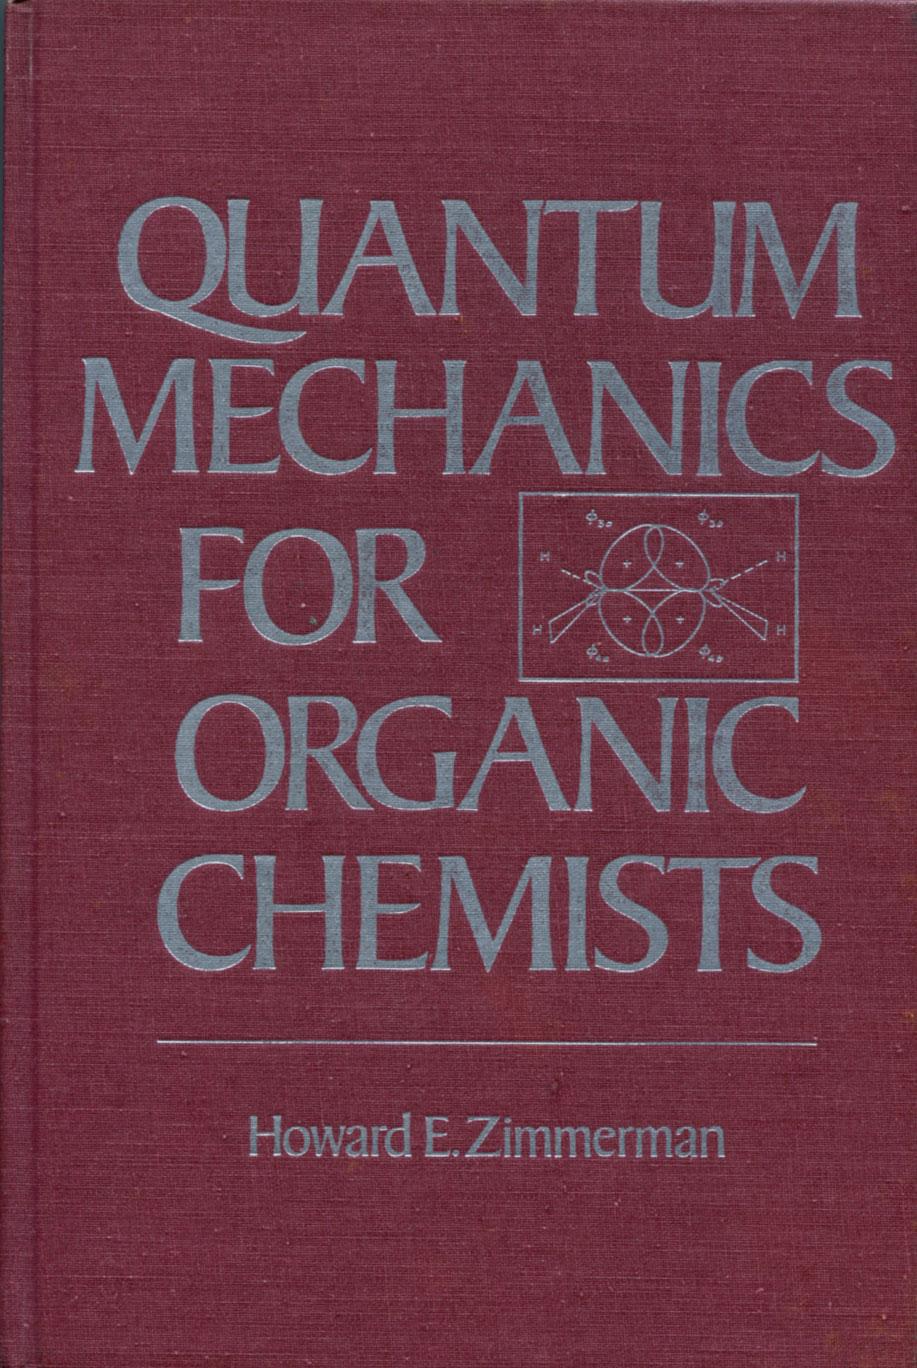 Quantum mechanics for organic chemists